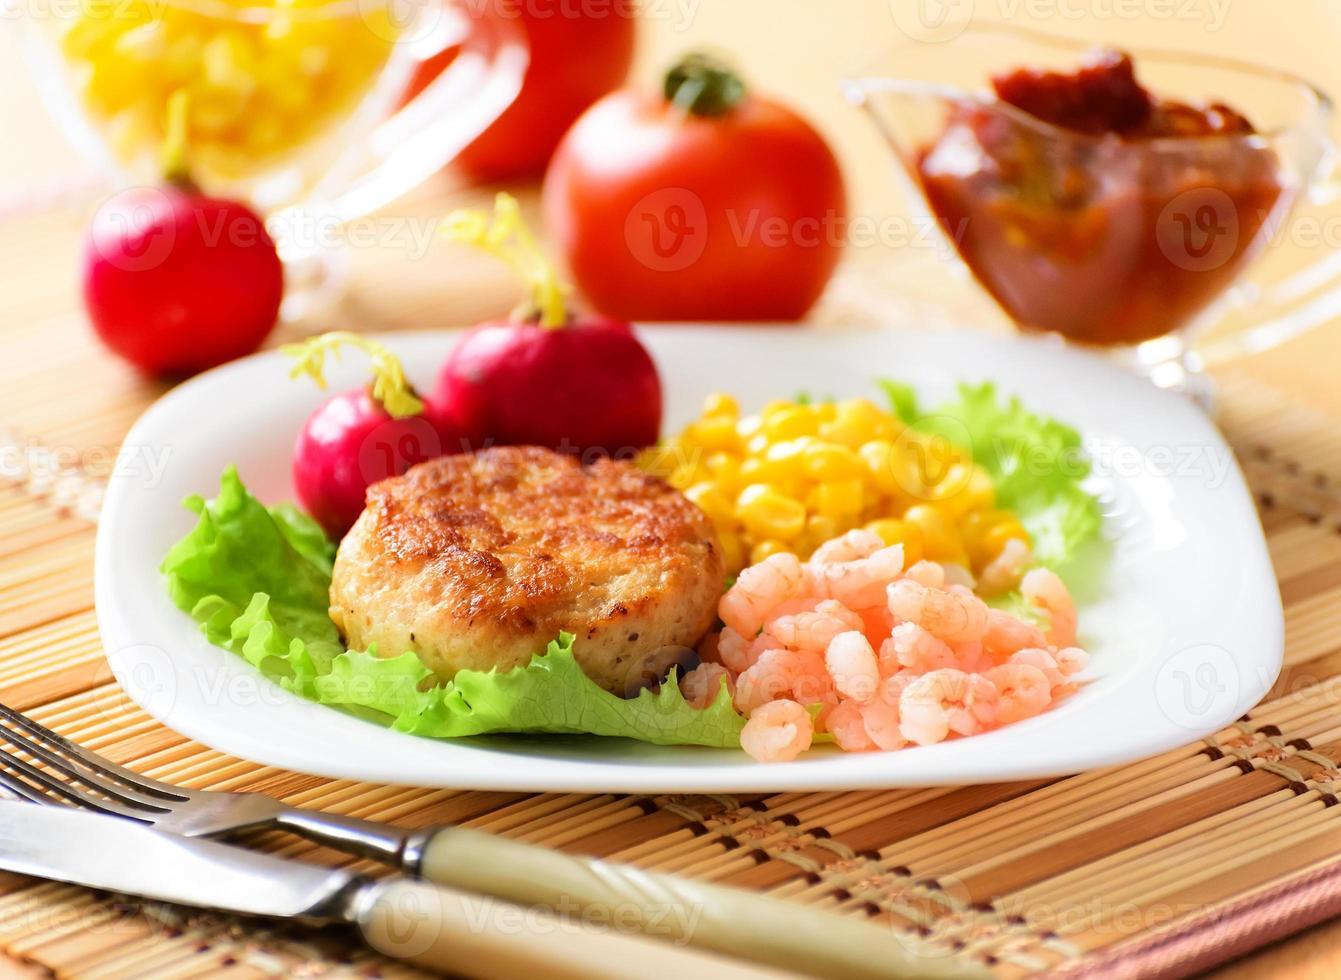 kippenkoteletten met ingeblikte maïs en garnalen. foto